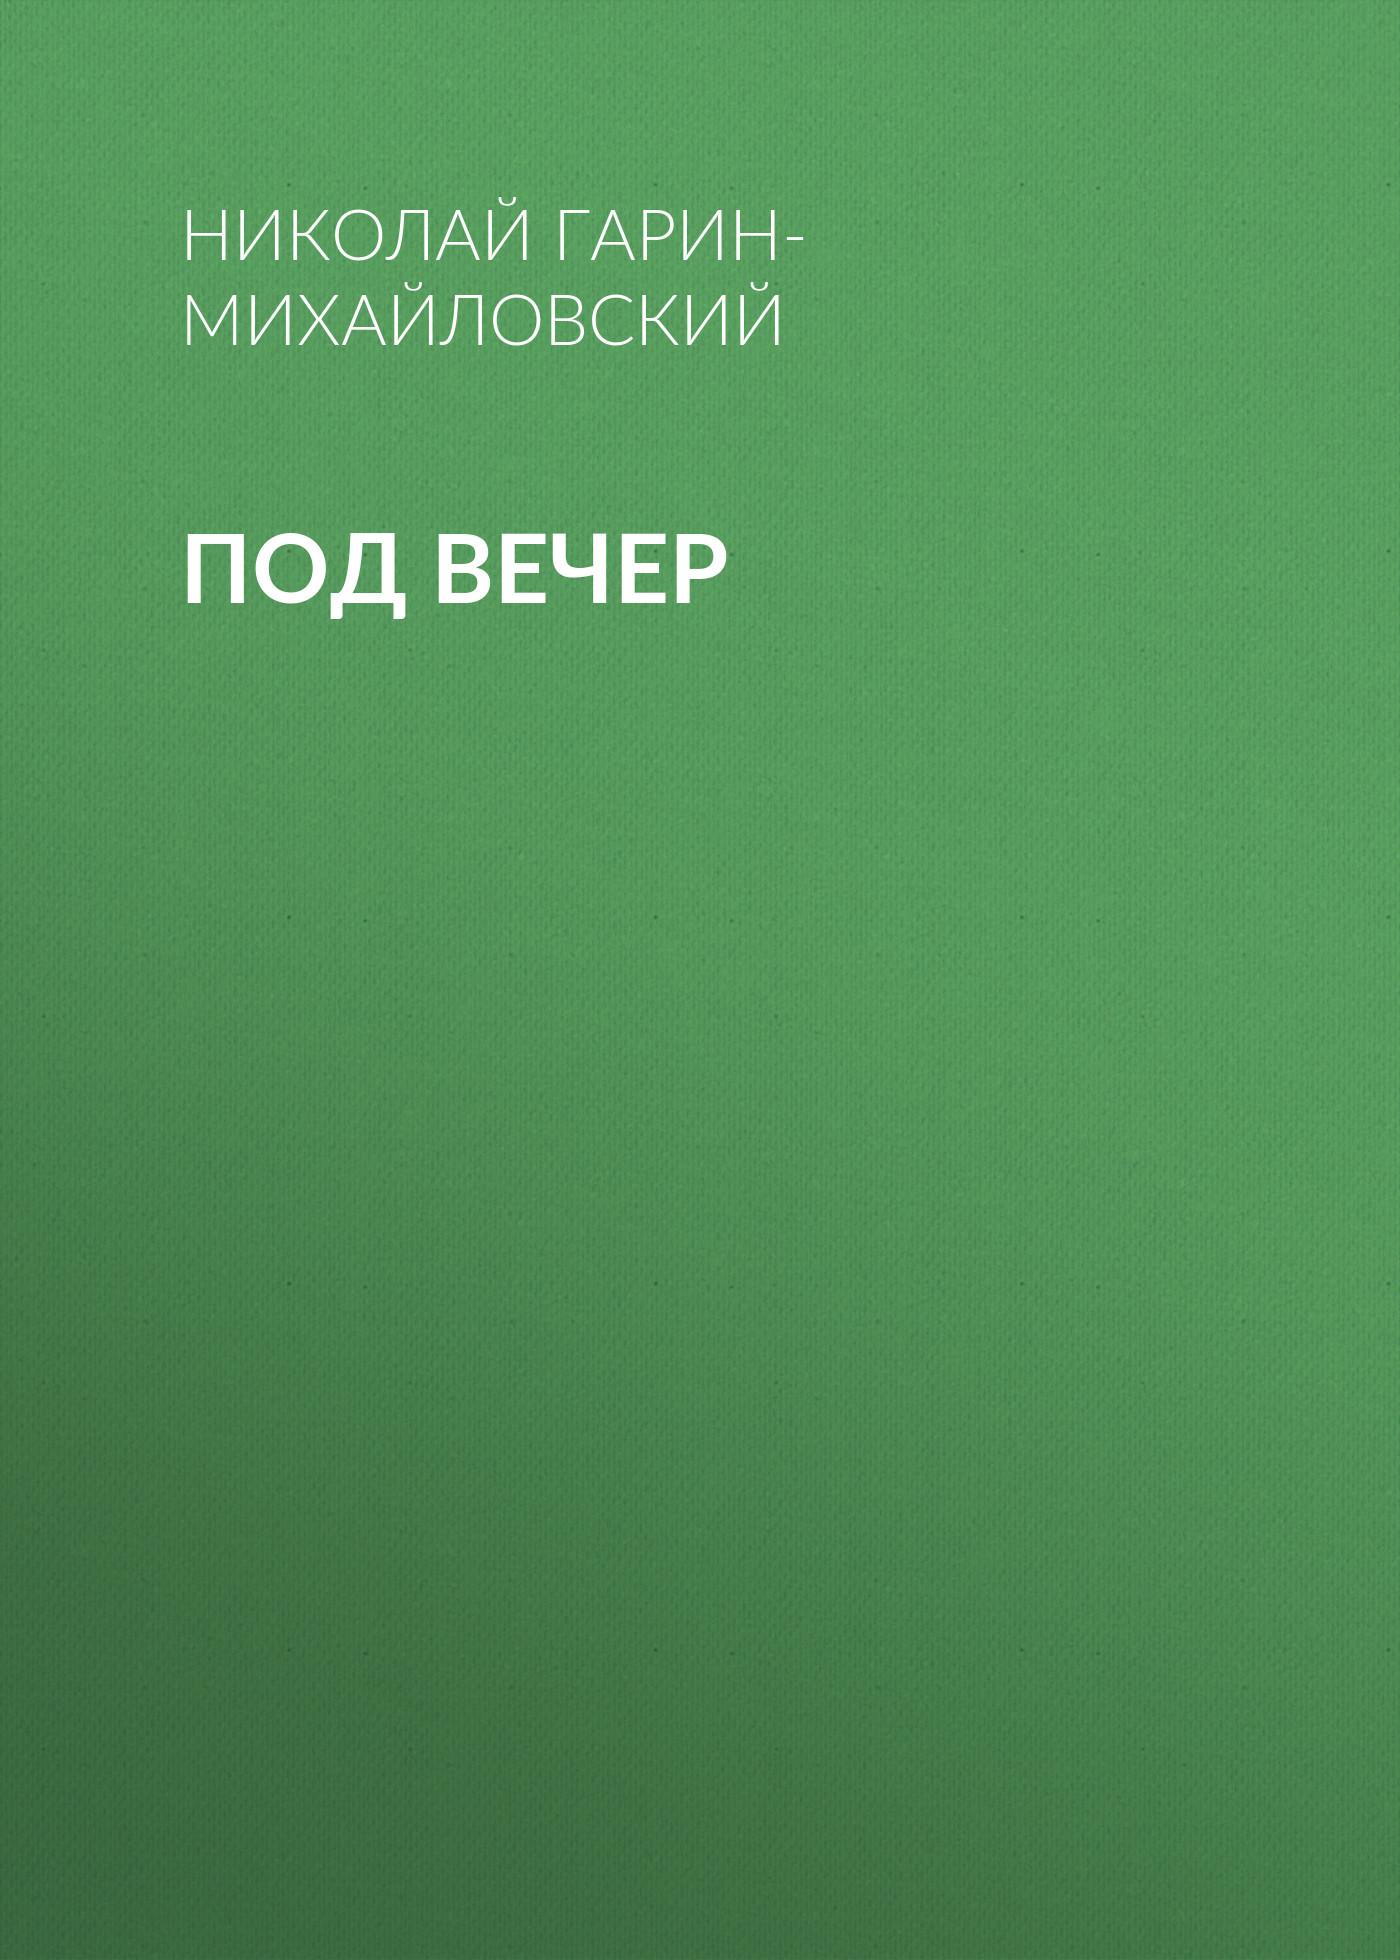 Николай Гарин-Михайловский Под вечер цена и фото